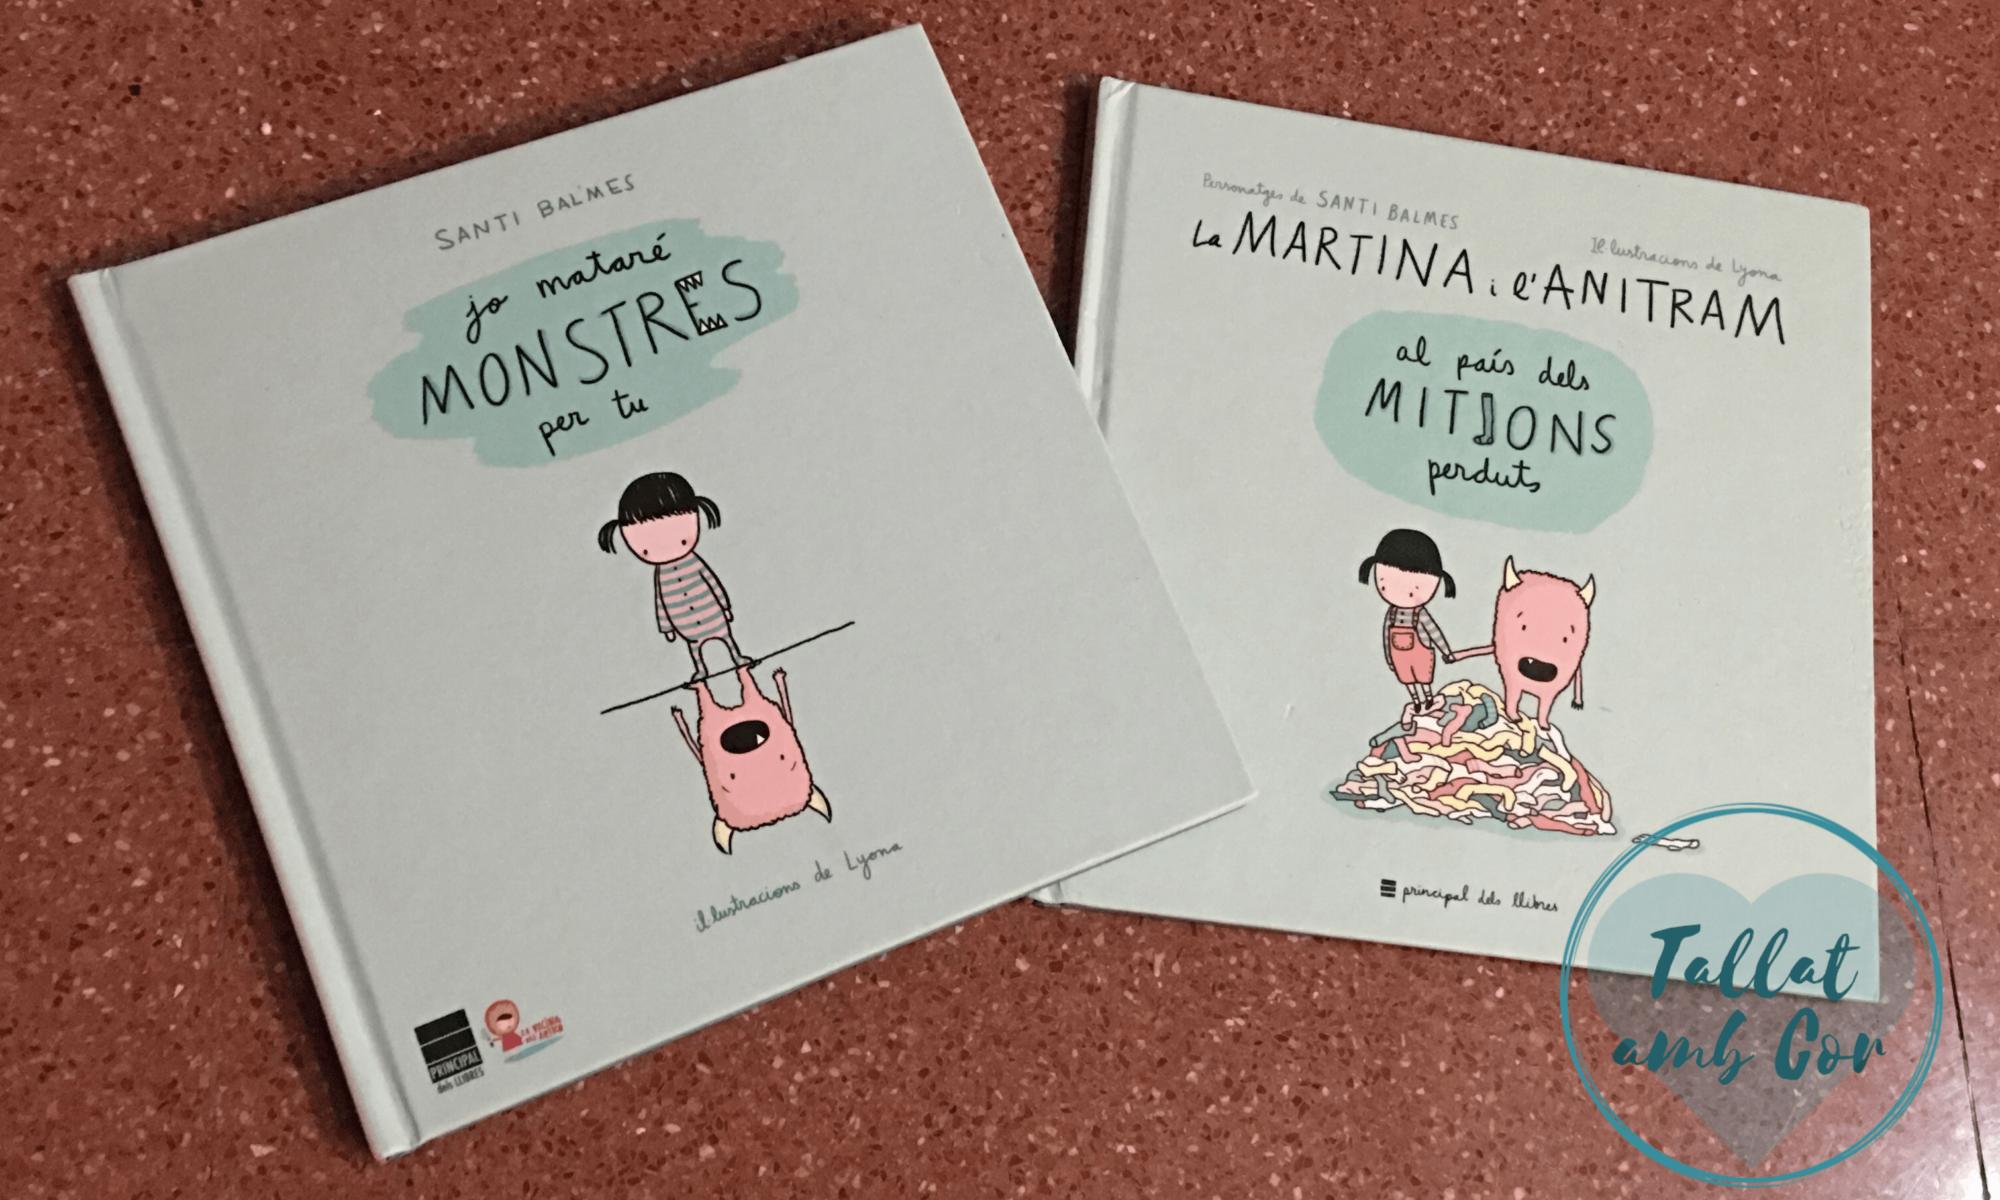 Portada de los dos libros en que Martina y Anitram son las protagonistas: Yo mataré monstruos por ti y En el país de los calcetines perdidos.